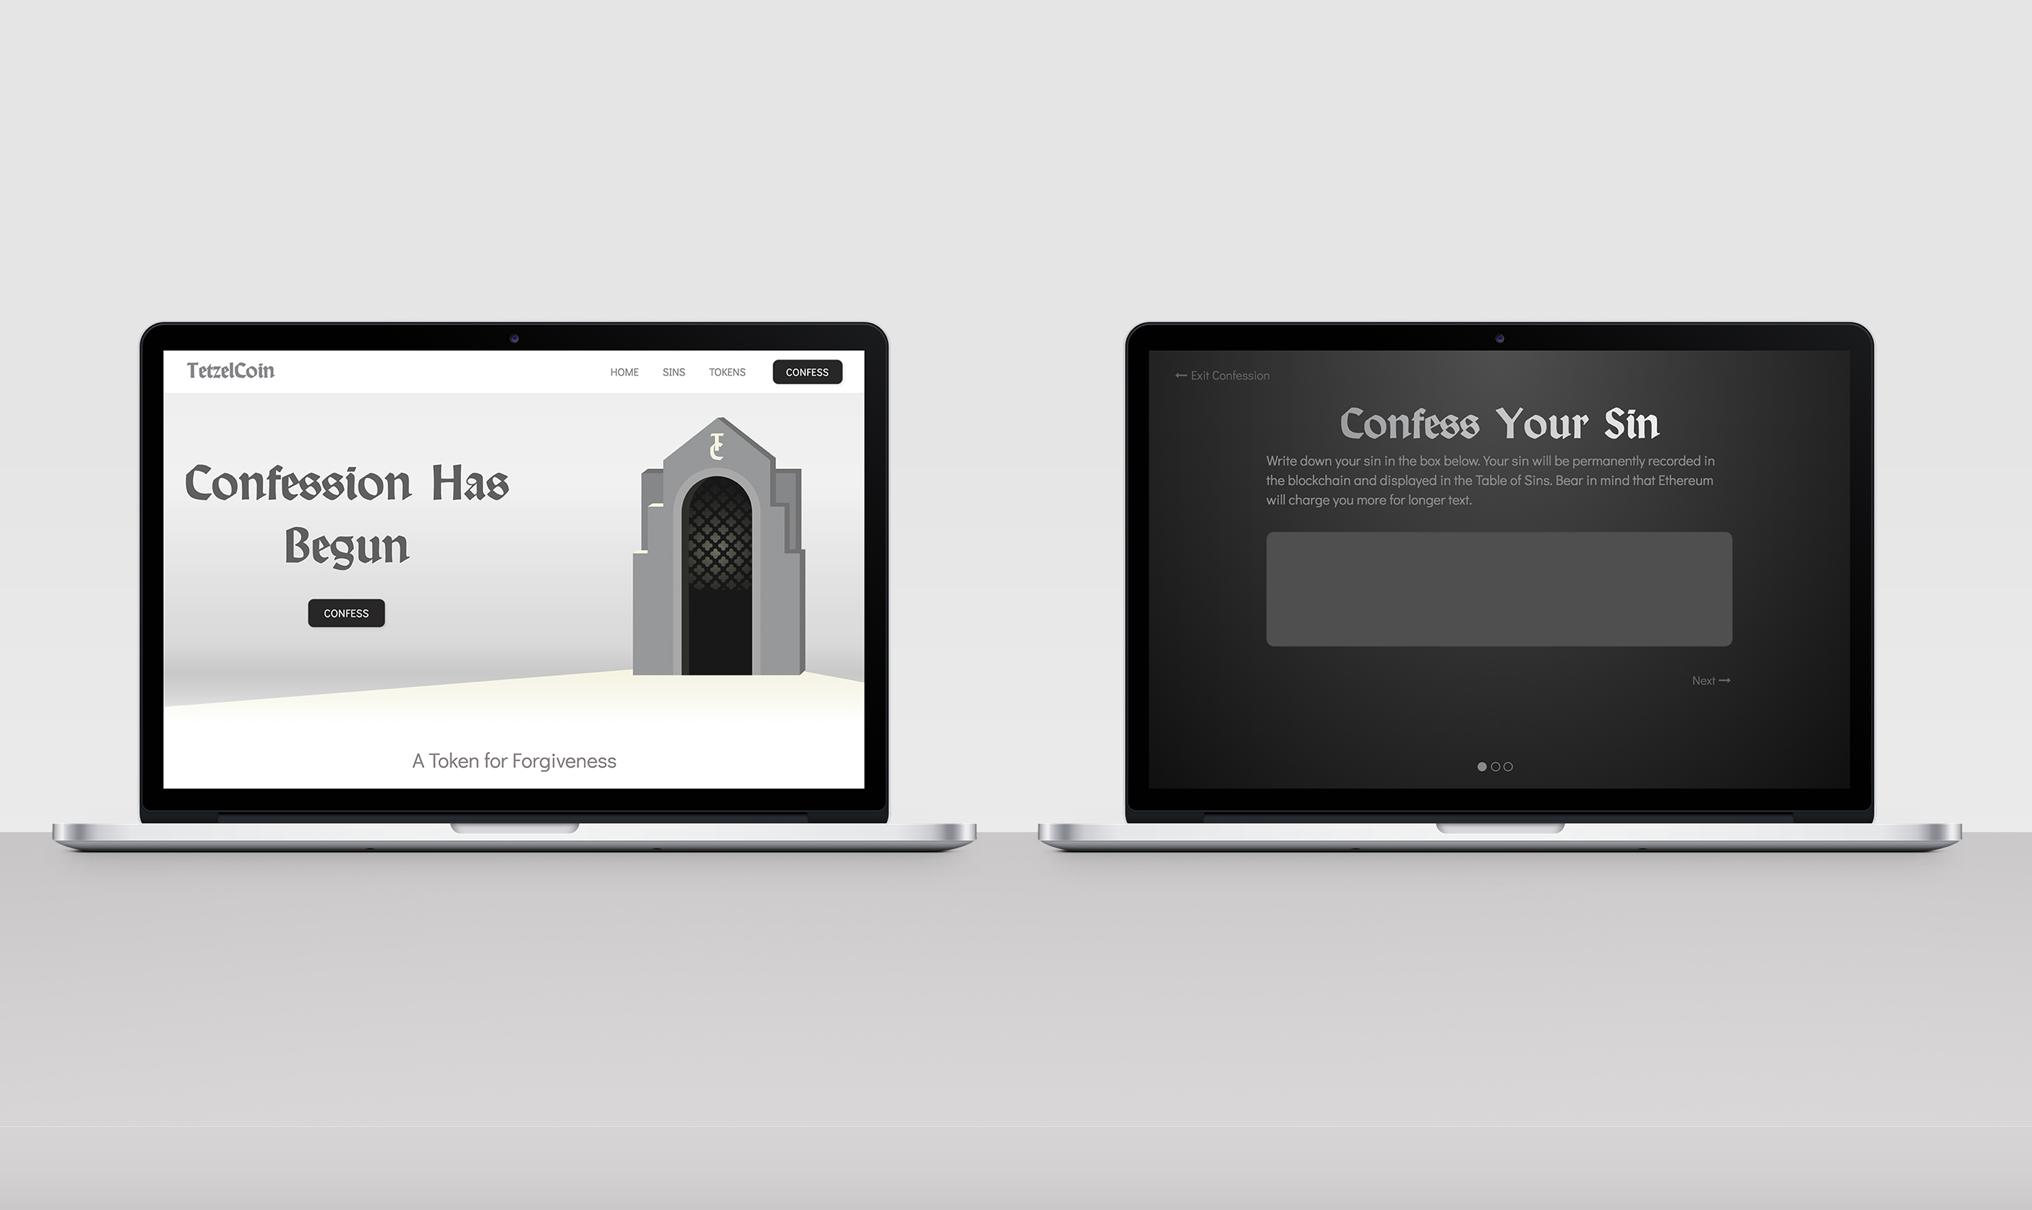 tetzelcoin website and app mockups